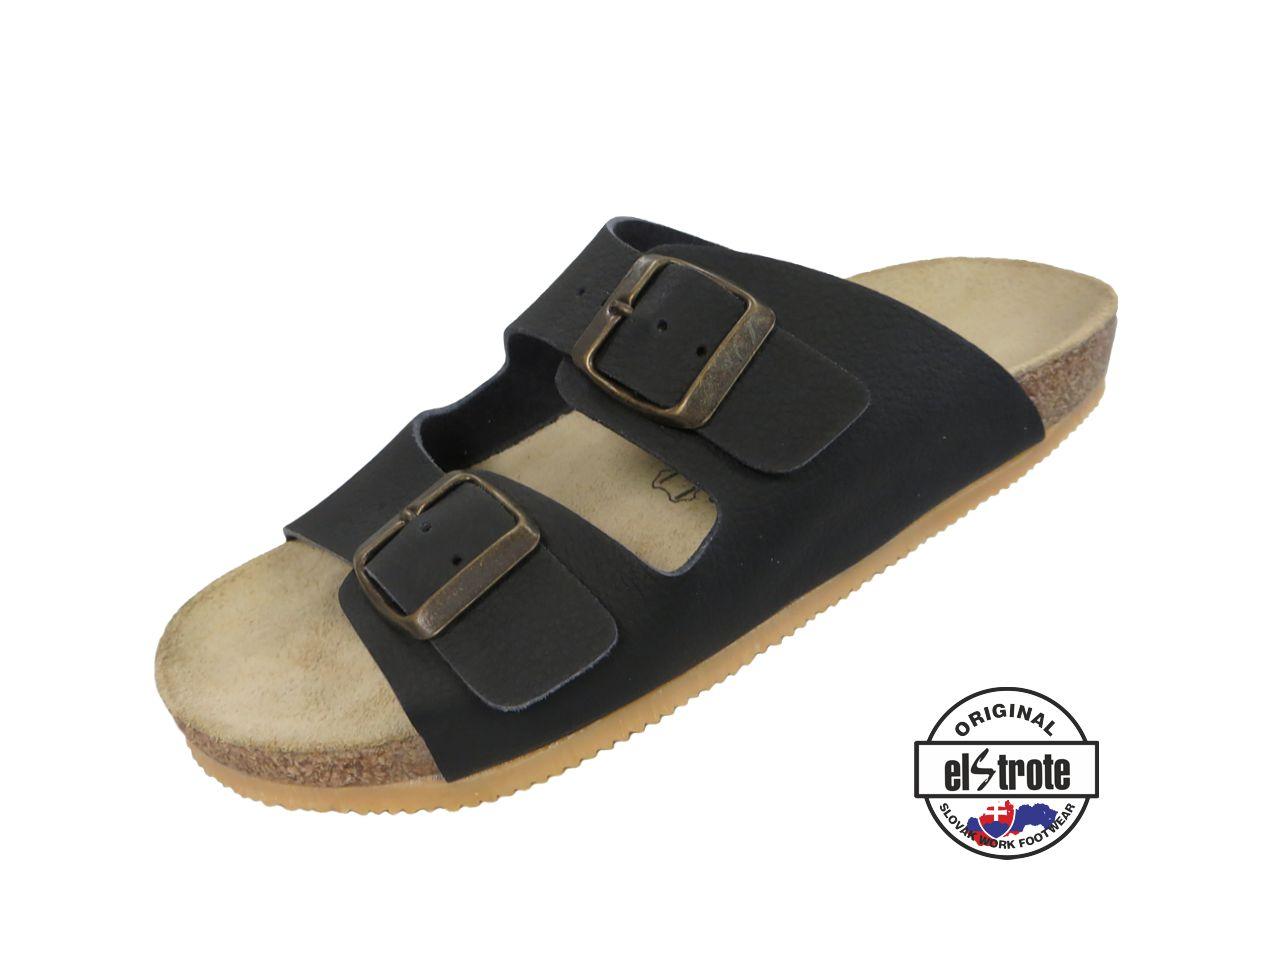 6697b9cd137f Zdravotná ortopedická obuv - Ortho -dámska - 91 701 D f.60   mixxer.sk